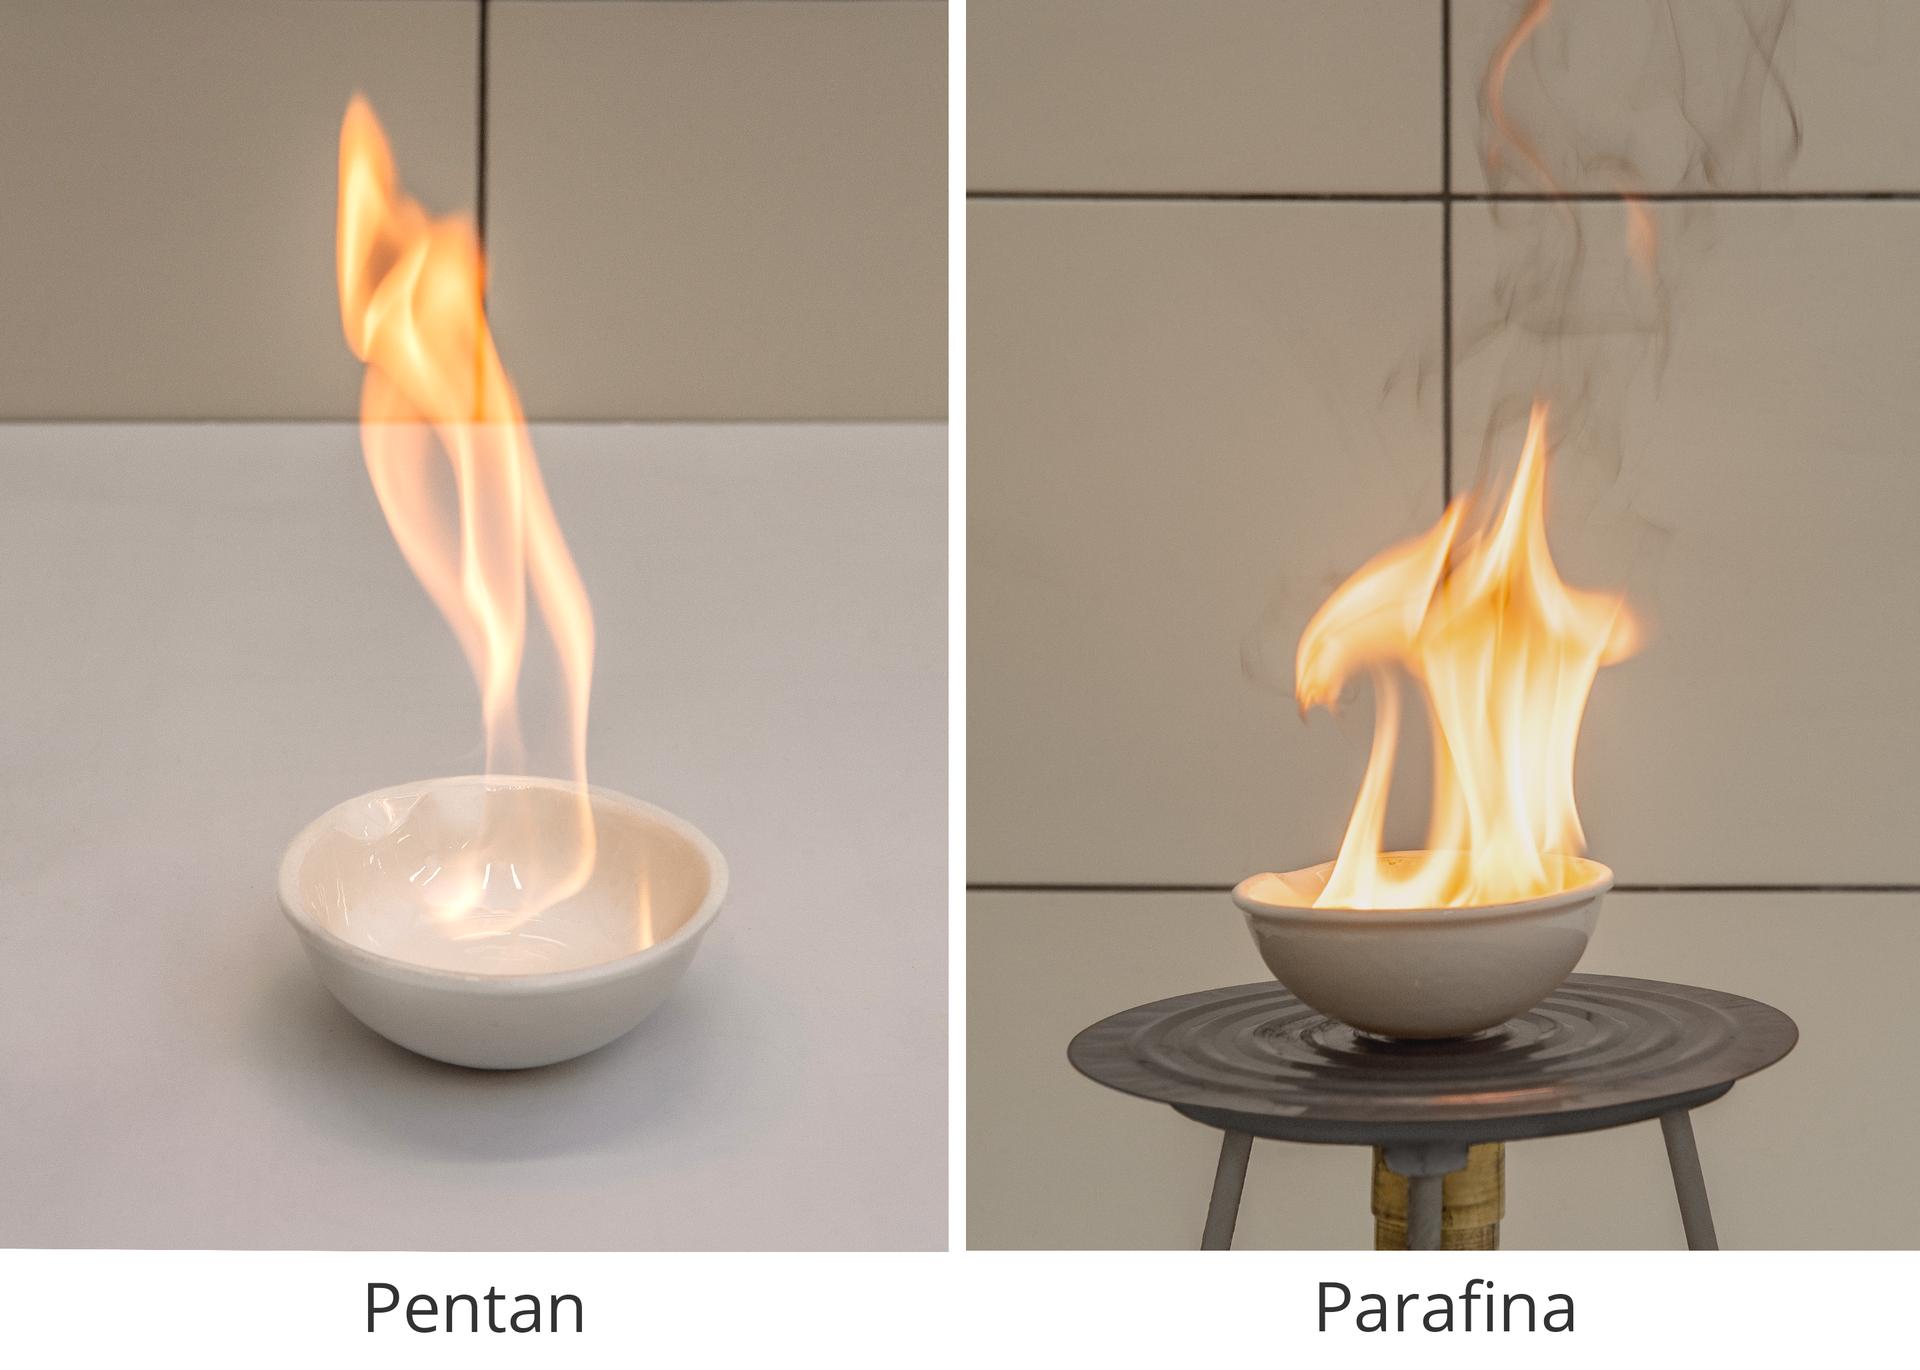 Grafika składająca się z2 zdjęć przedstawiających spalanie pentanu iparafiny zdobrze widocznymi płomieniami.